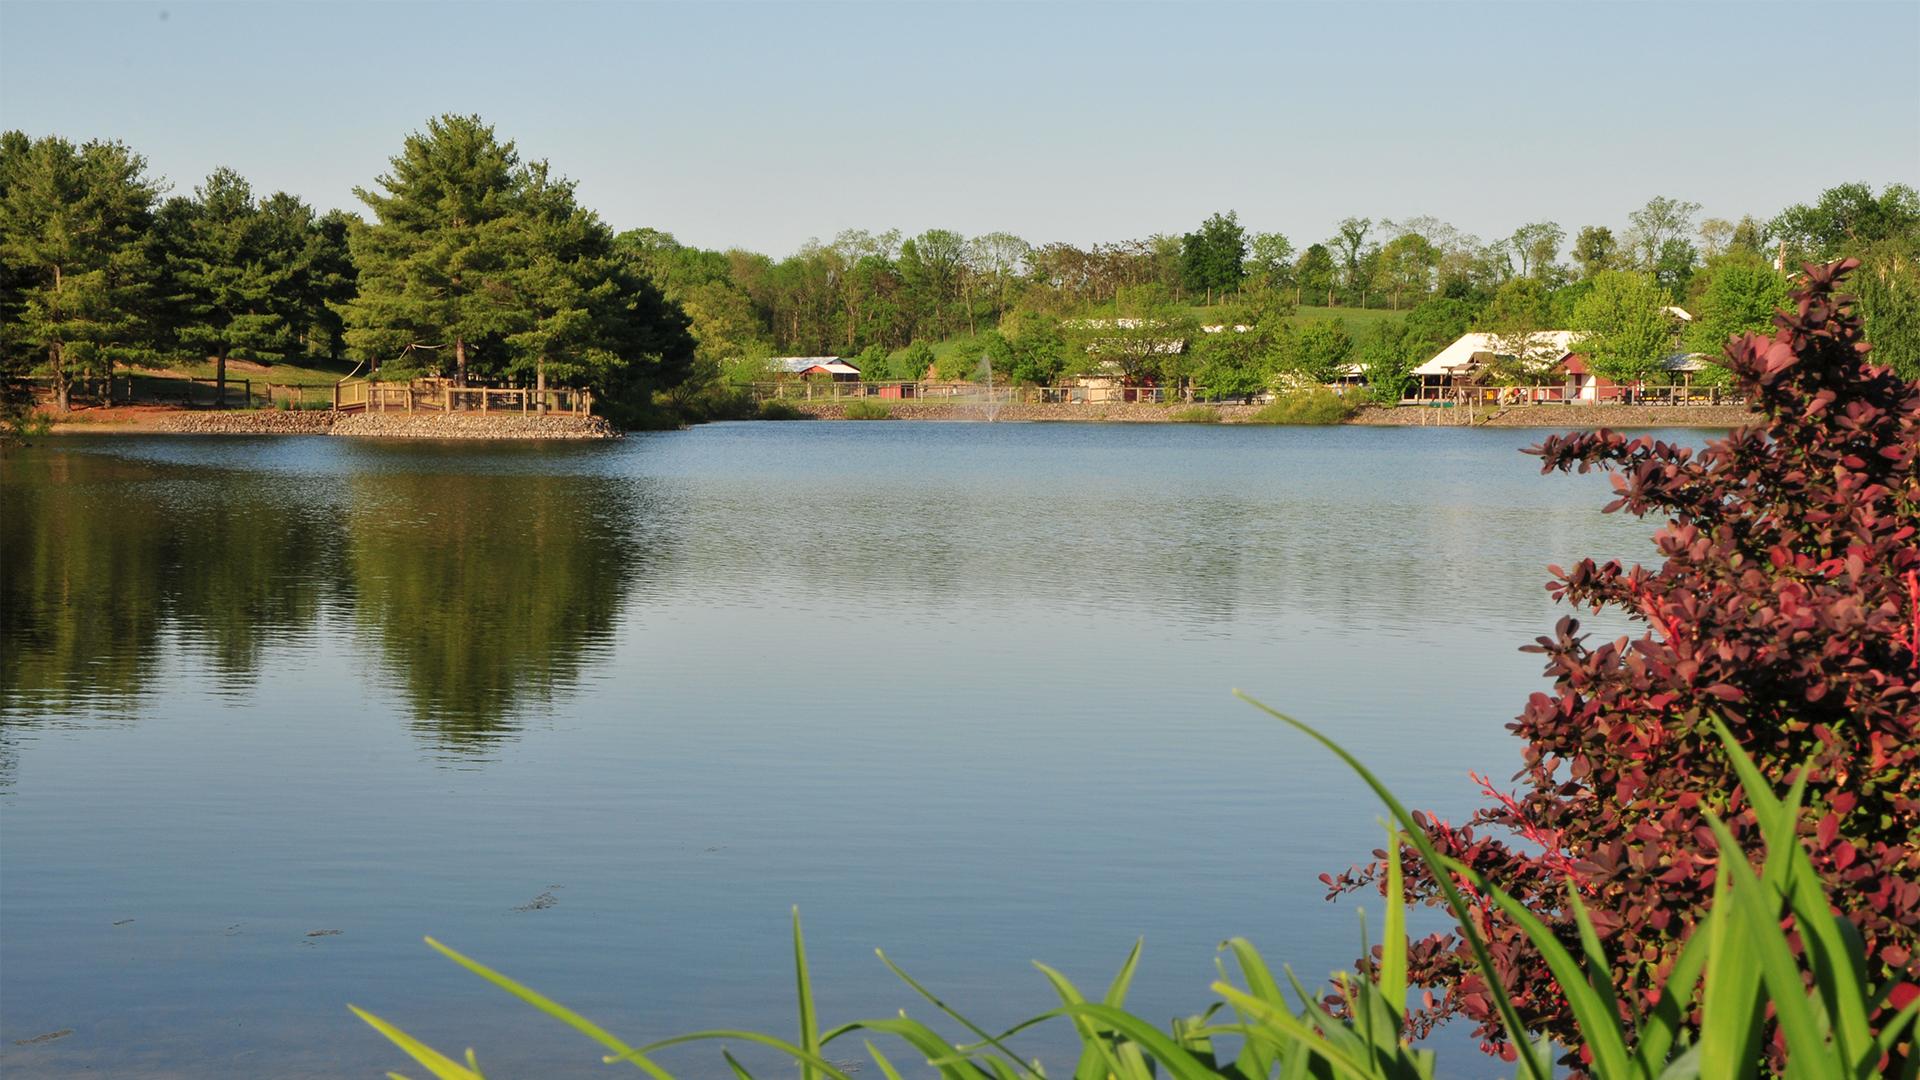 Fishing at Lake Tobias Wildlife Park